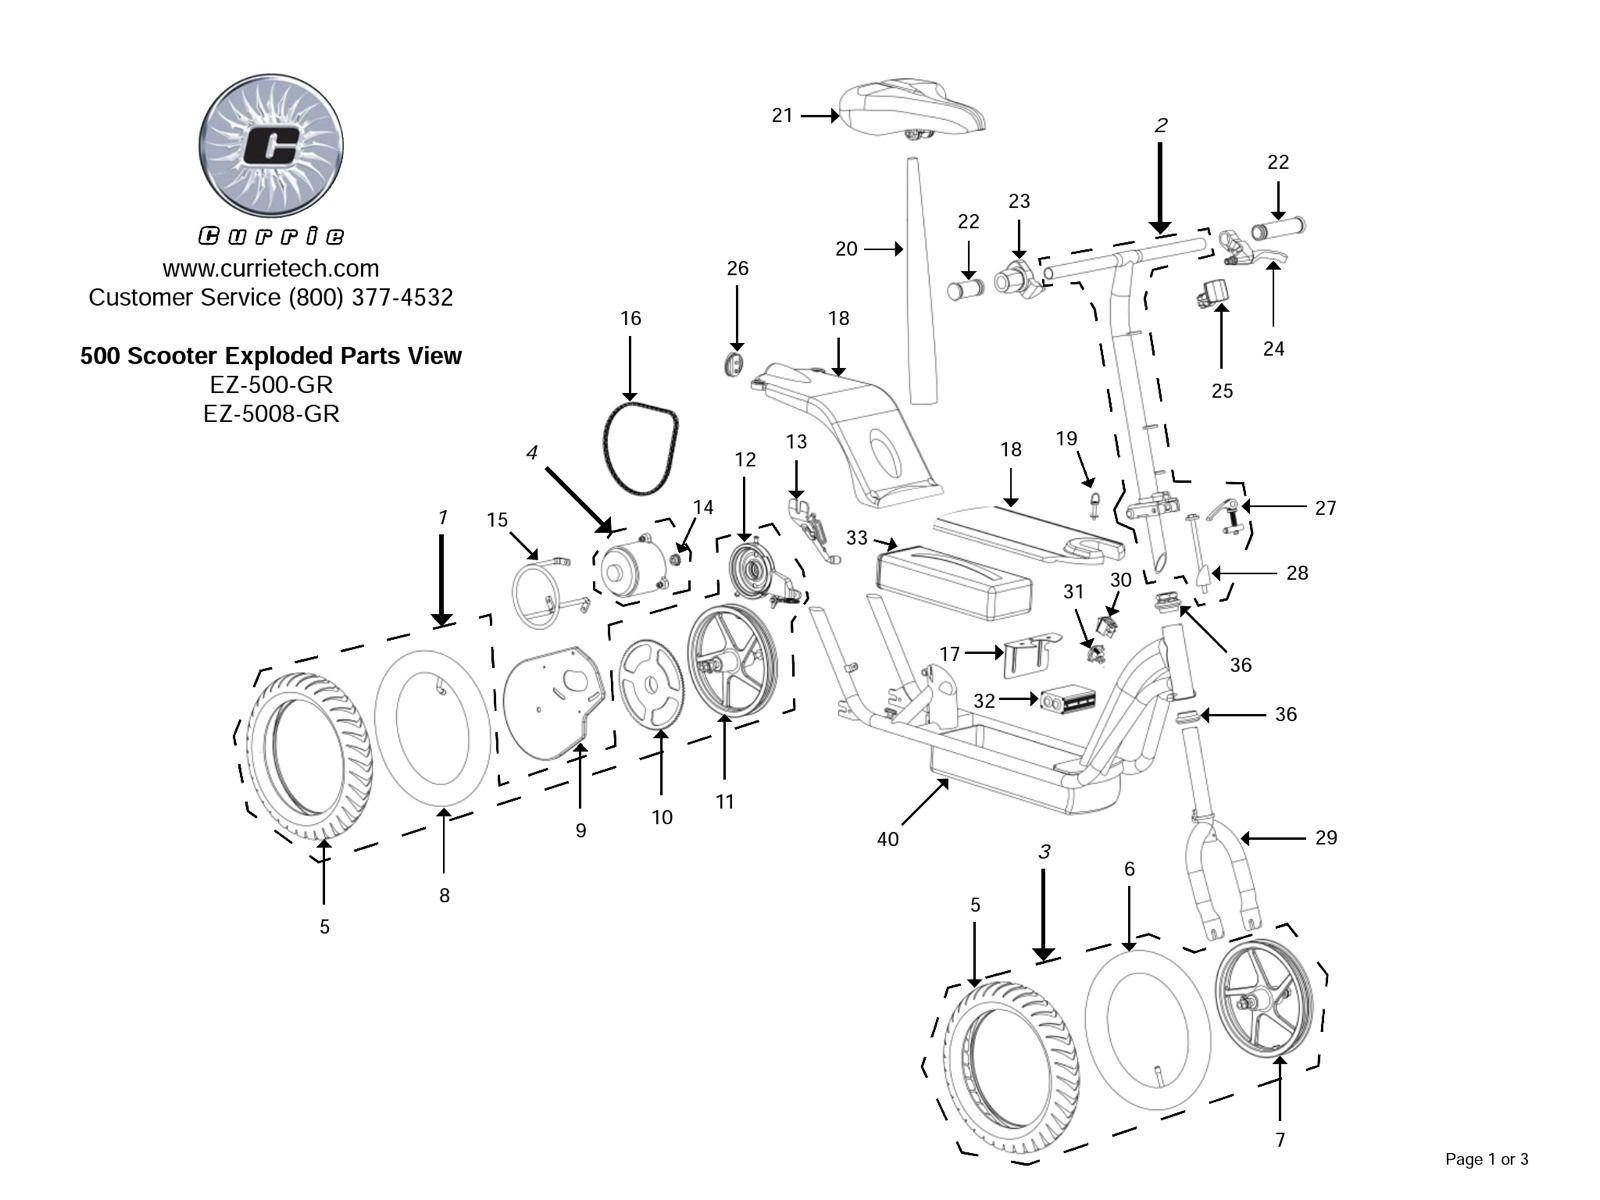 schwinn electric scooter battery wiring diagram weg w22 cooling tower motor 24 volt imageresizertool com